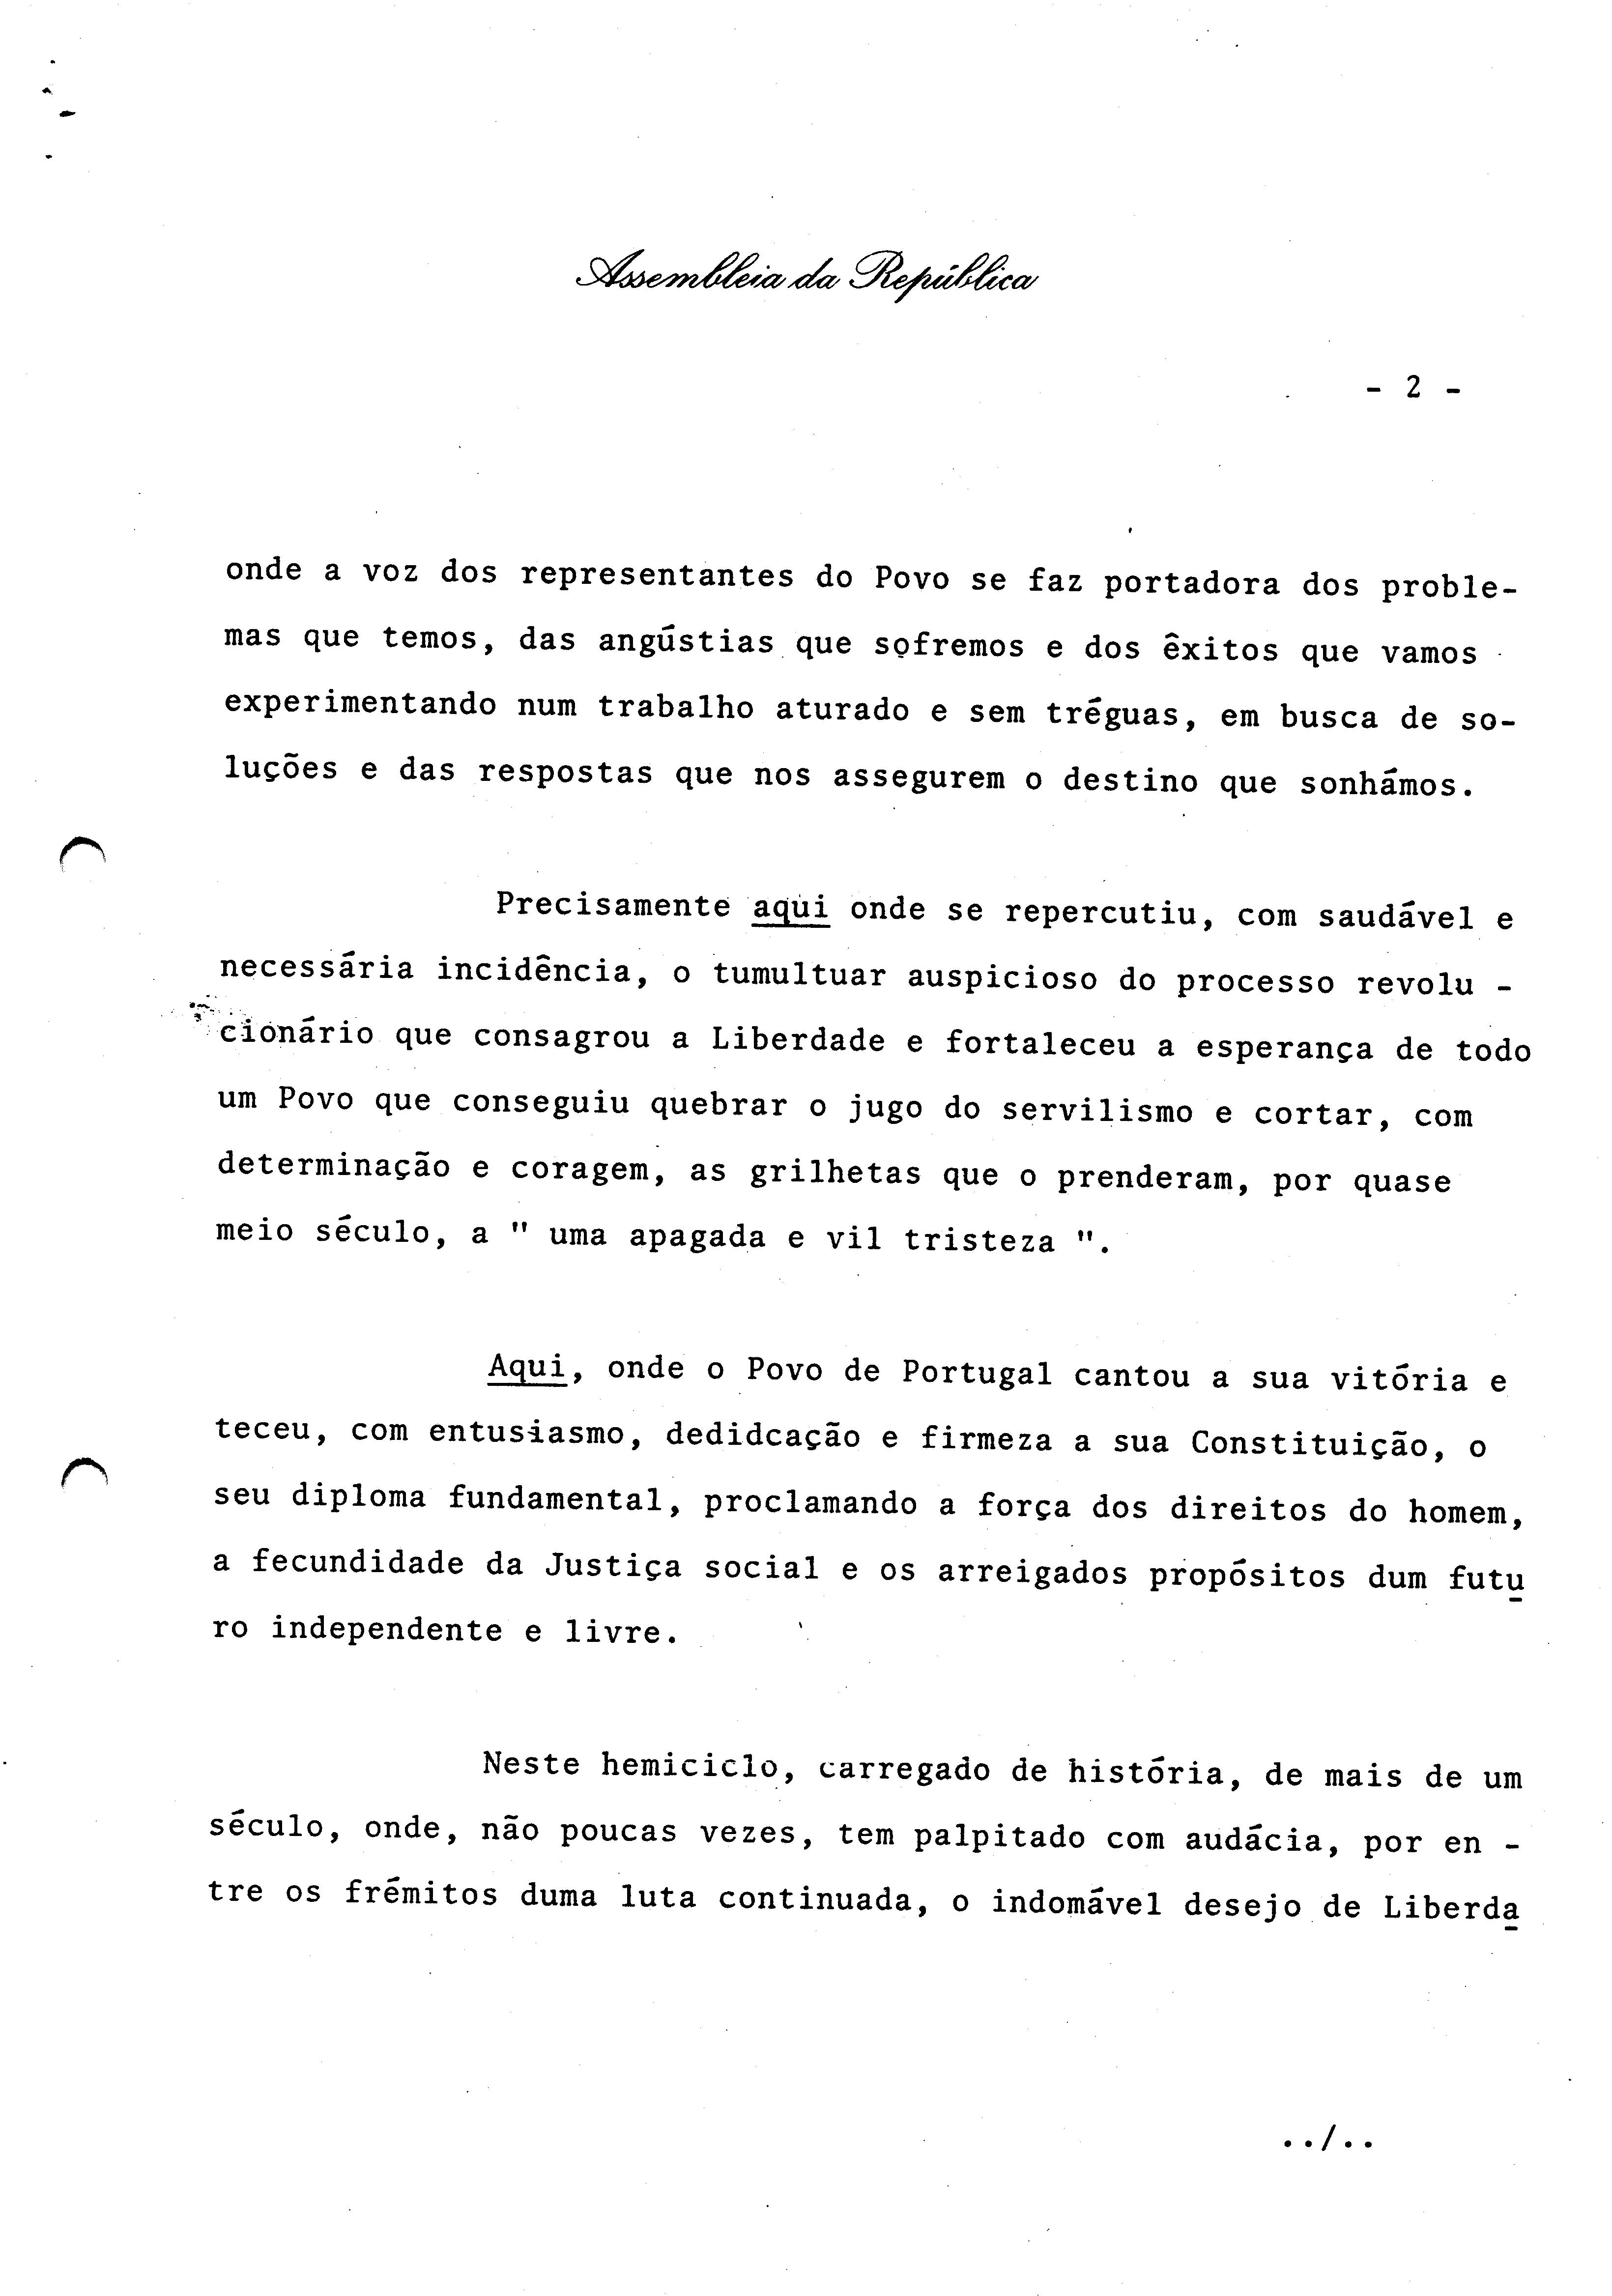 00406.004- pag.2